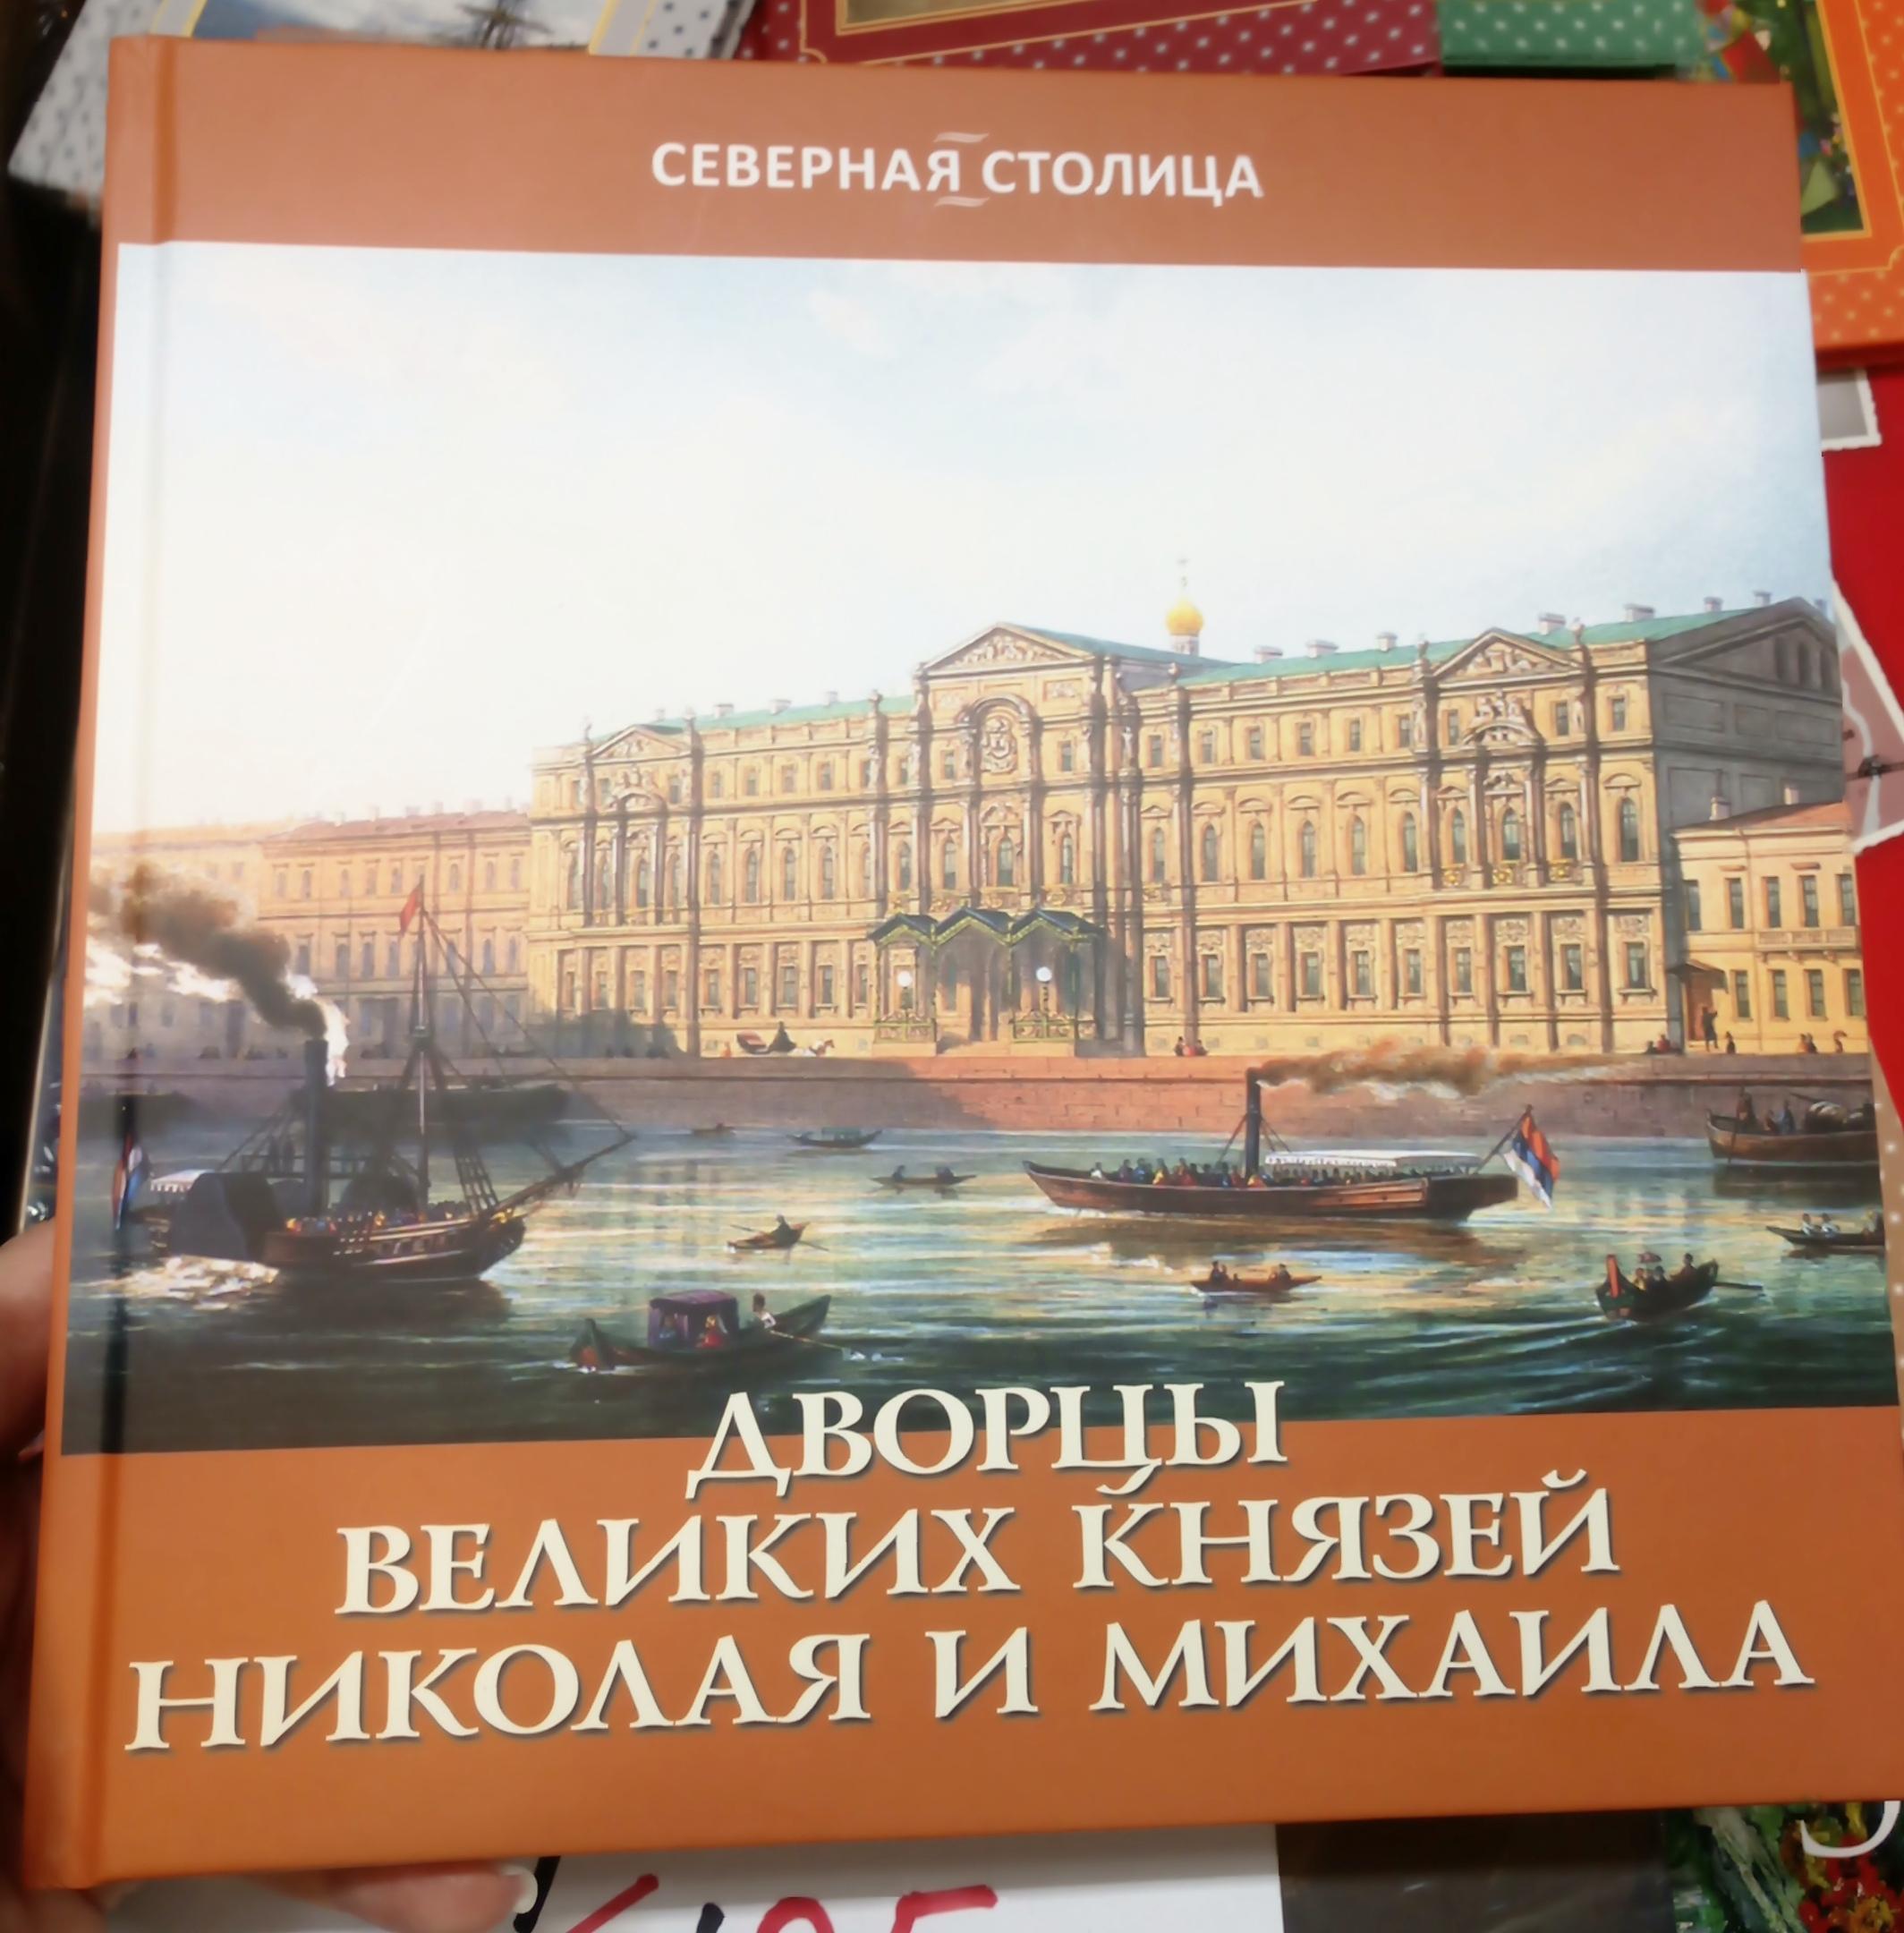 Е. Жерихина «Дворцы великих Николая и Михаила»